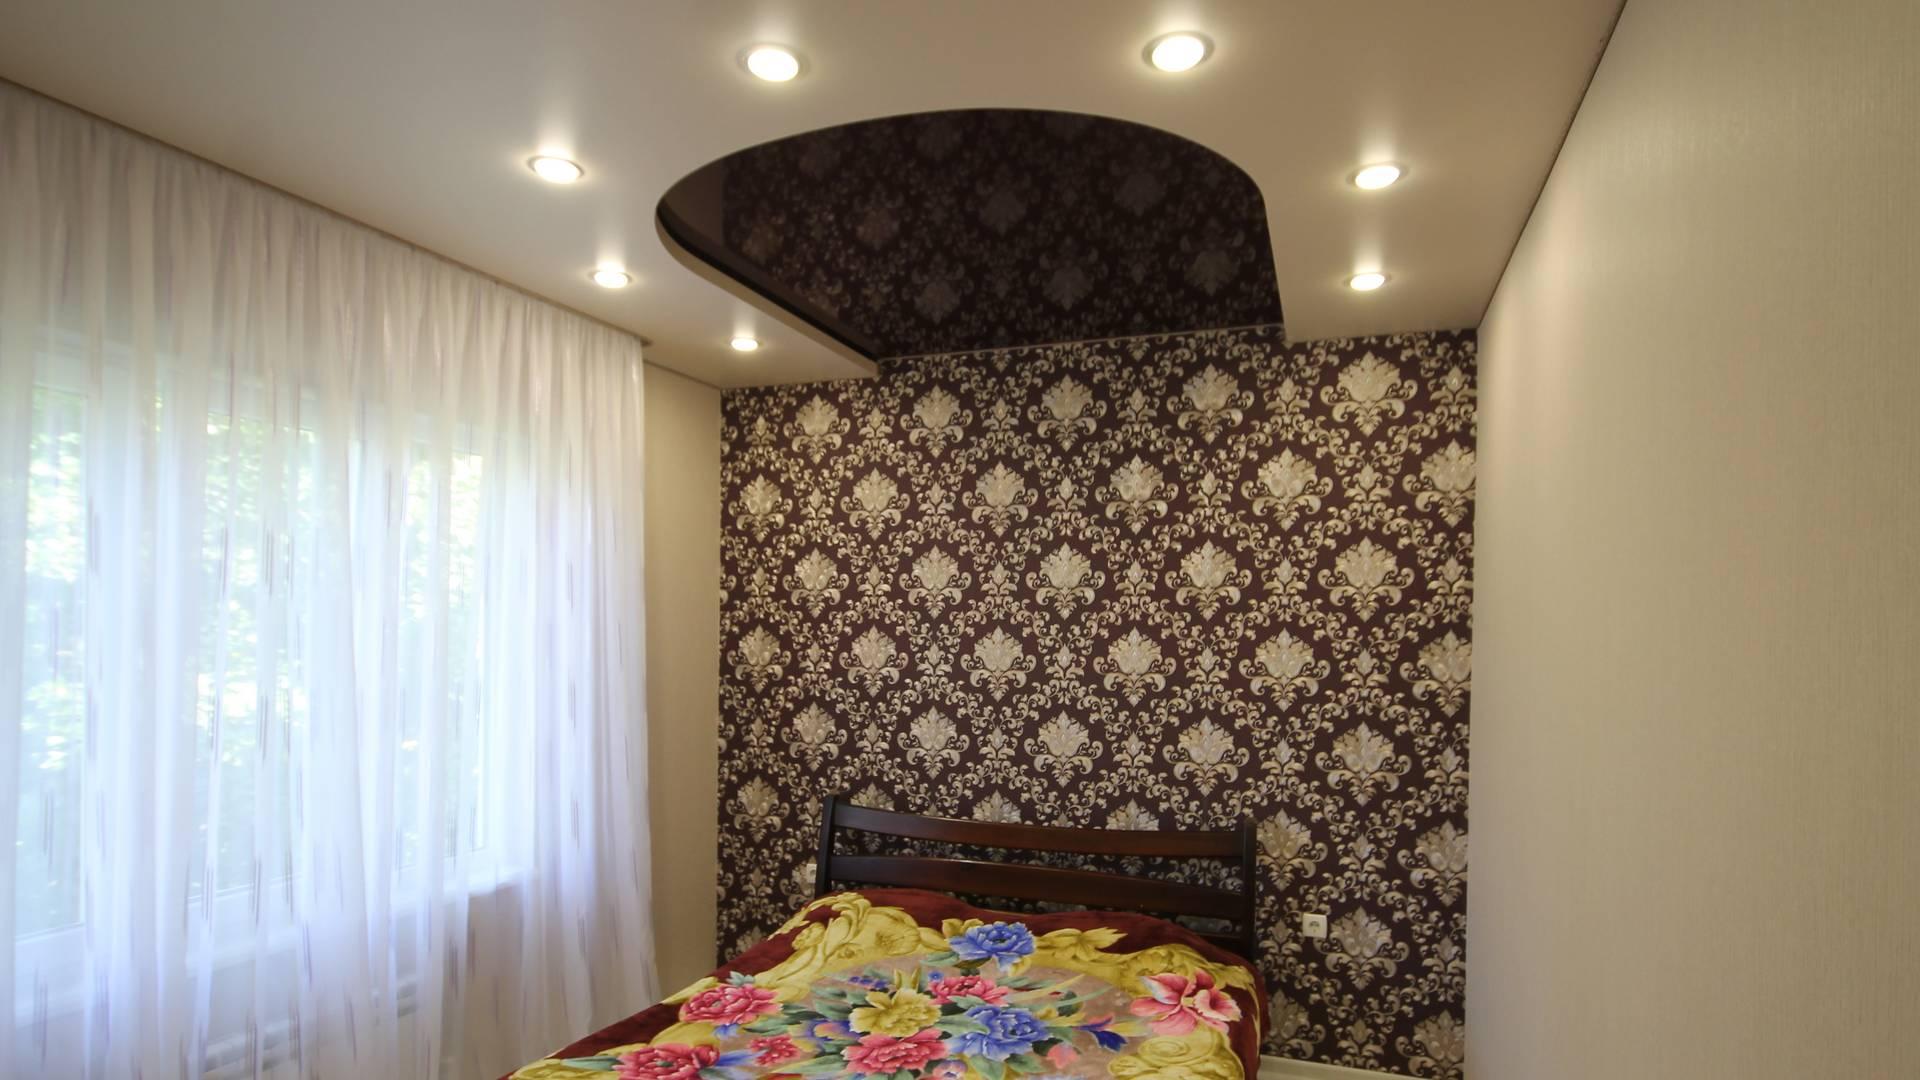 Двухуровневые натяжные потолки, Натяжной потолок в спальню, Глянцевые натяжные потолки, Матовые натяжные потолки